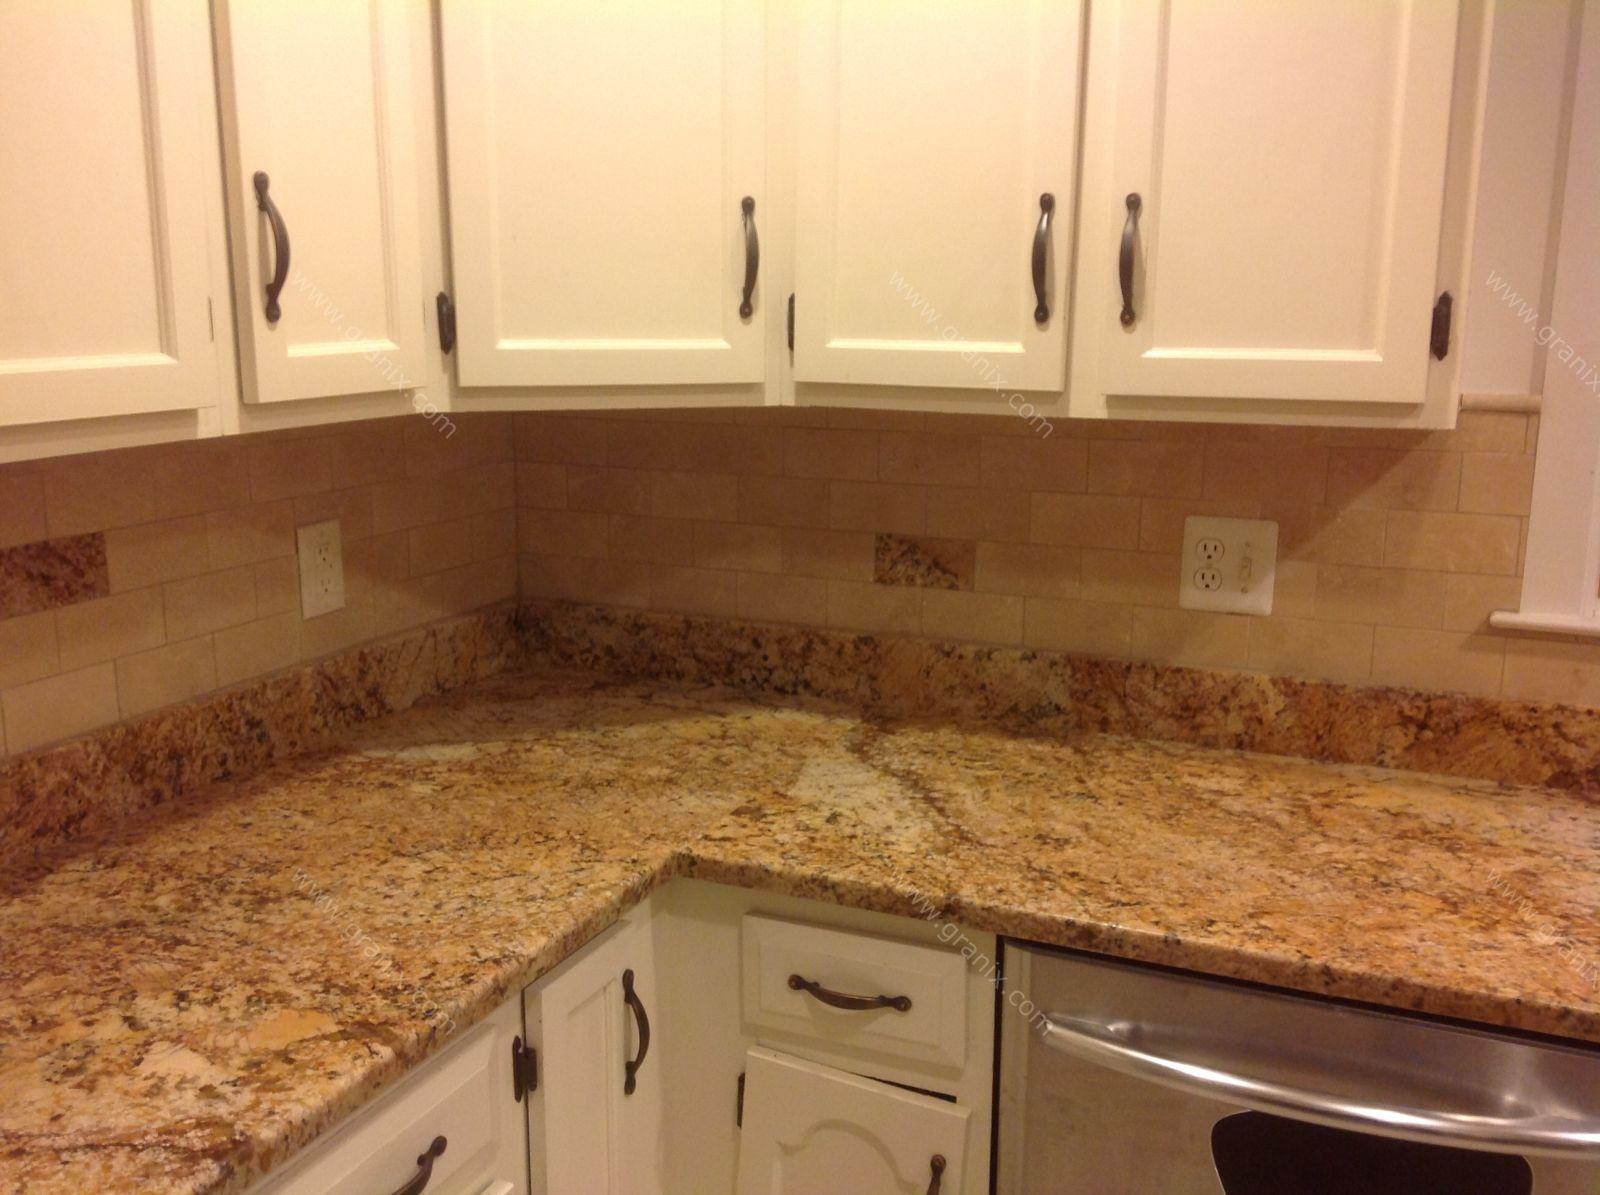 Baltic Brown Granite Countertop Pictures | Backsplash ... on Best Backsplash For Granite Countertops  id=46226